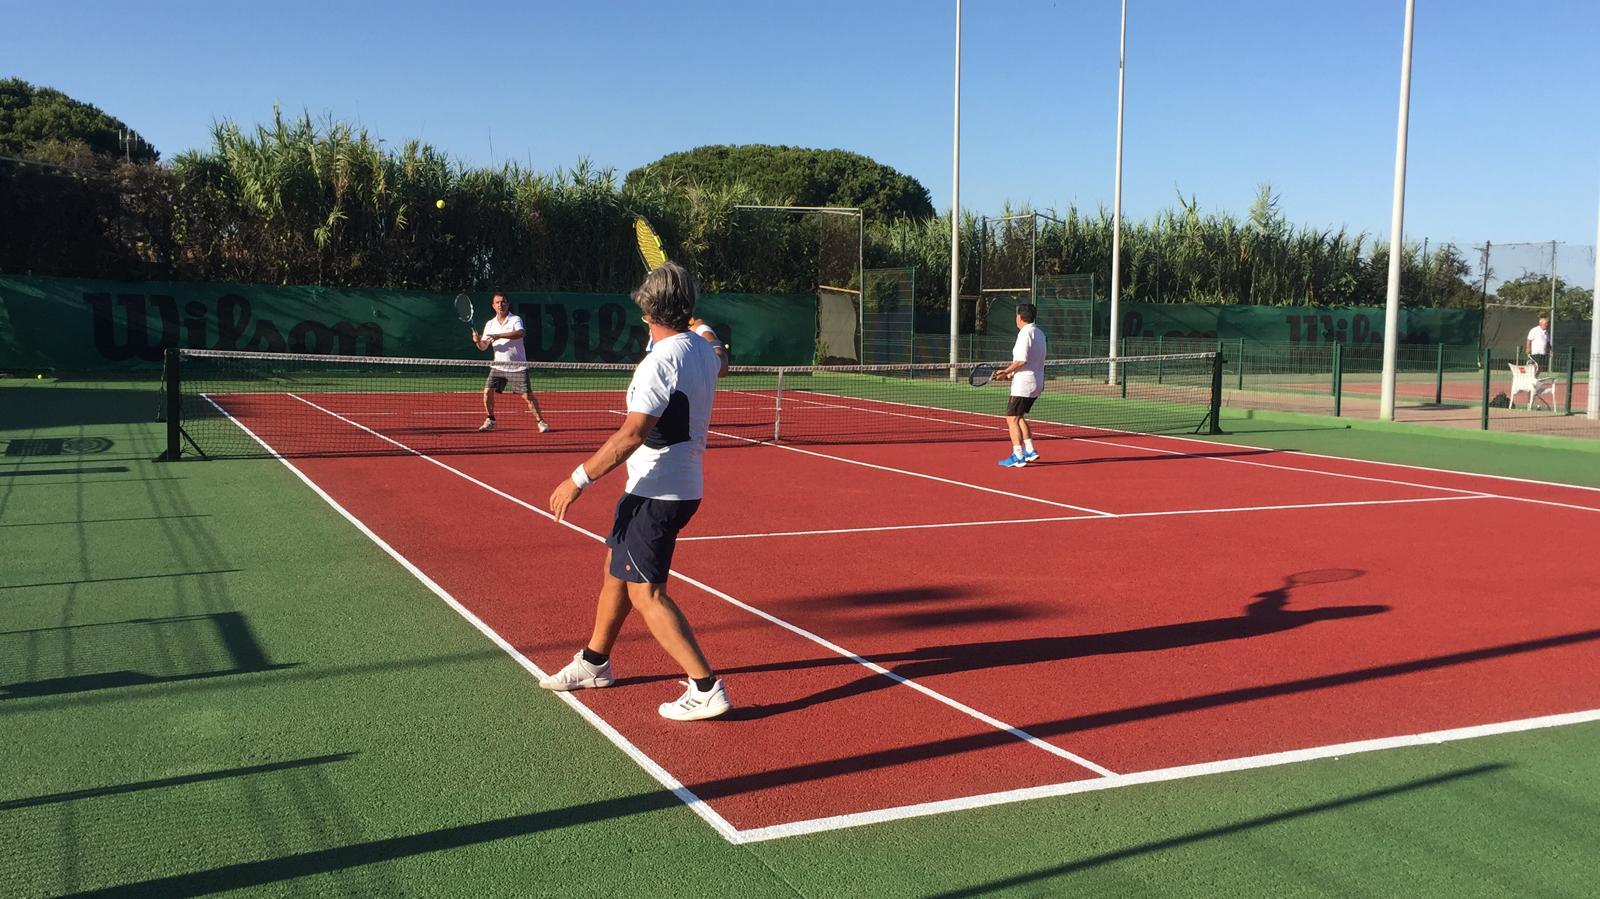 Escuela-de-tenis-y-padel-Club-La-Barrosa Chiclana de la Frontera, Novo Sancti Petri Cádiz.